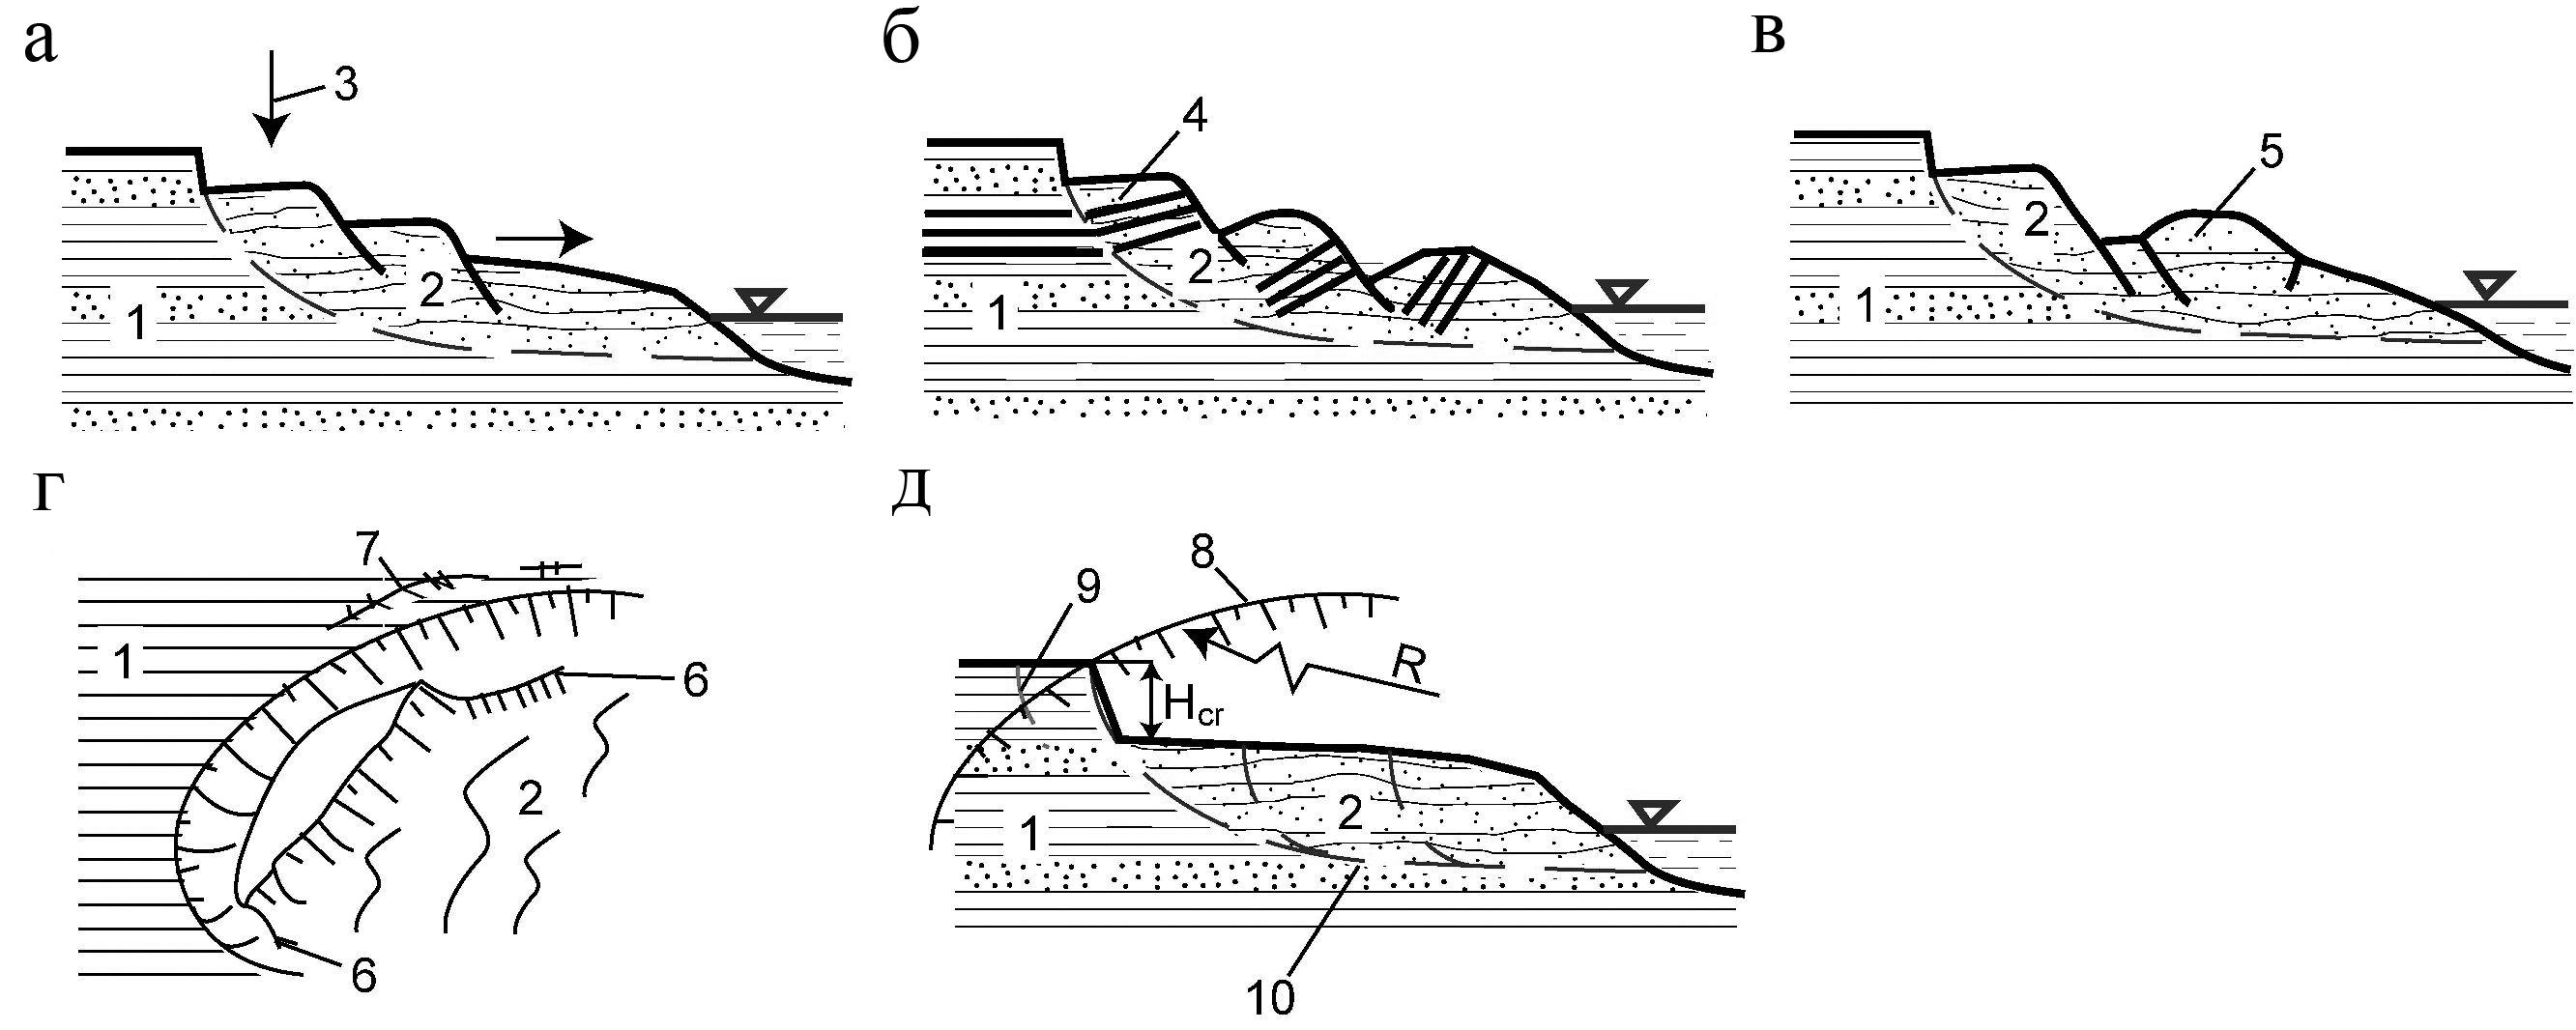 1 Характерные схемы оползневого склона с развитием глубокого блокового оползня (2), (1) – коренной массив.